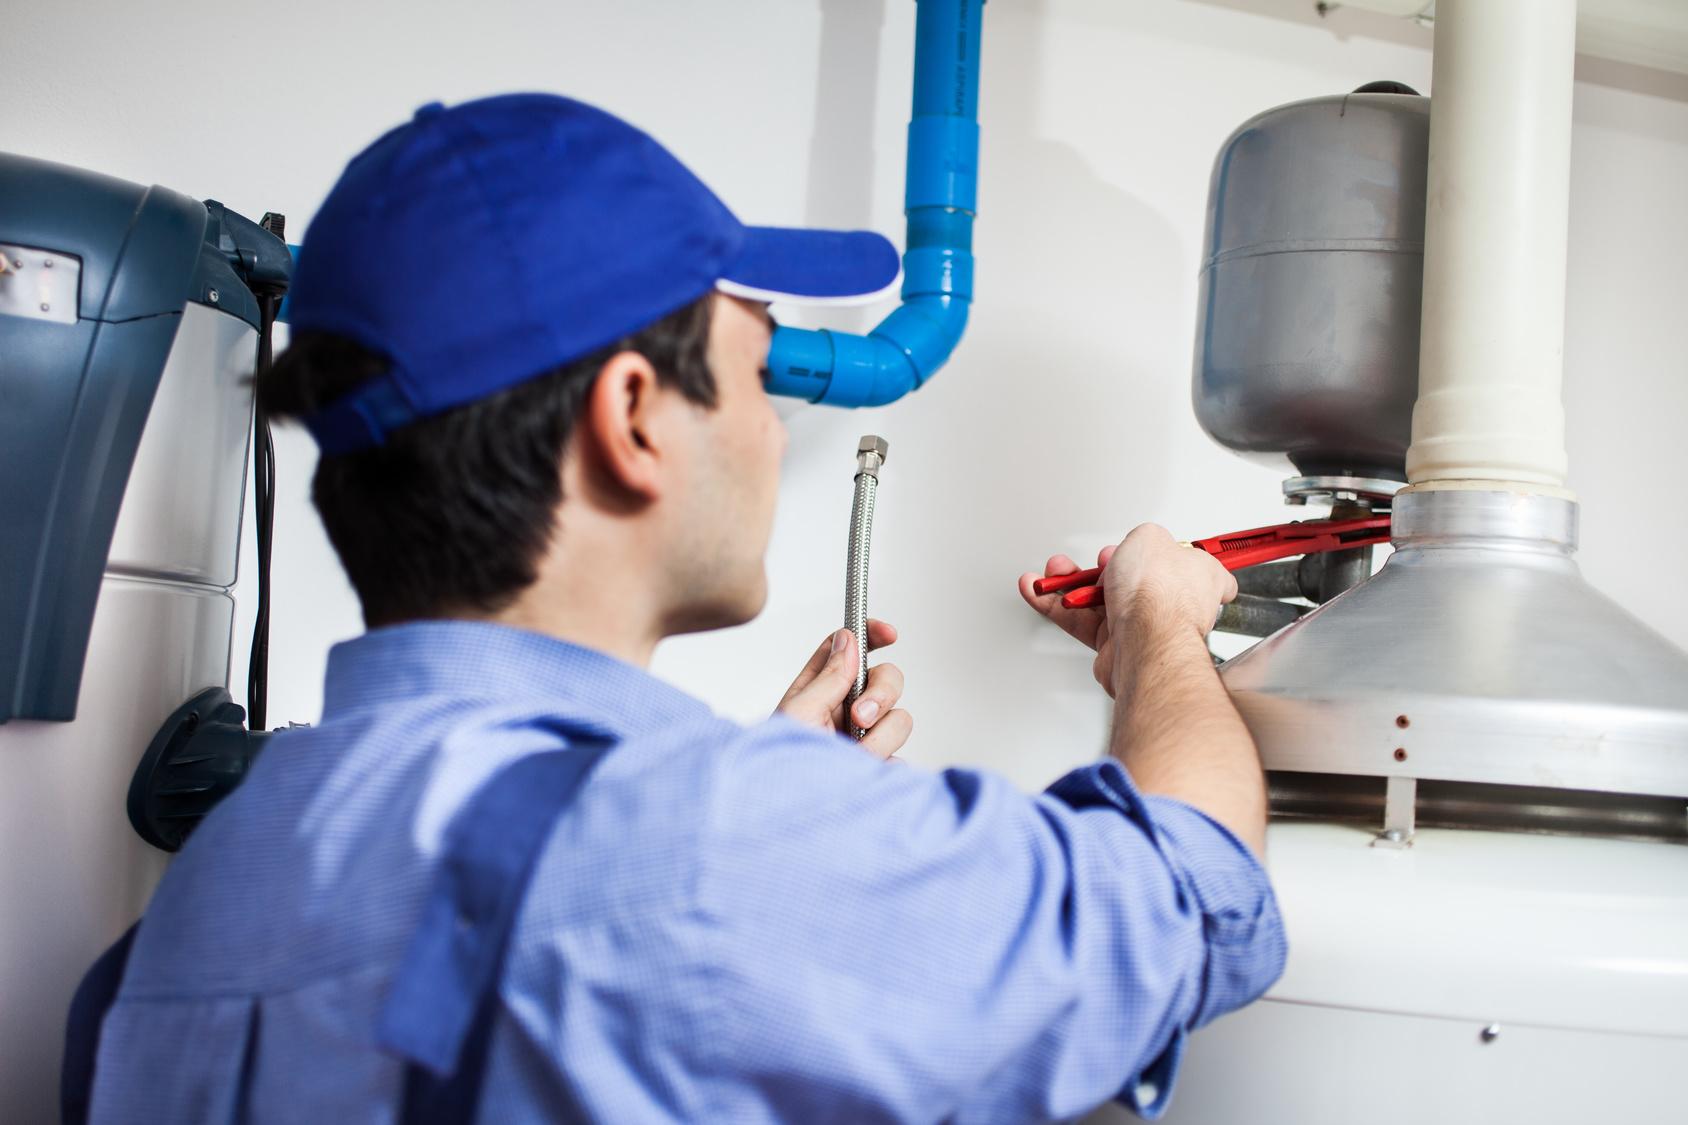 Проверка газа в квартире: как и сколько раз должны проводиться техосмотры газового оборудования